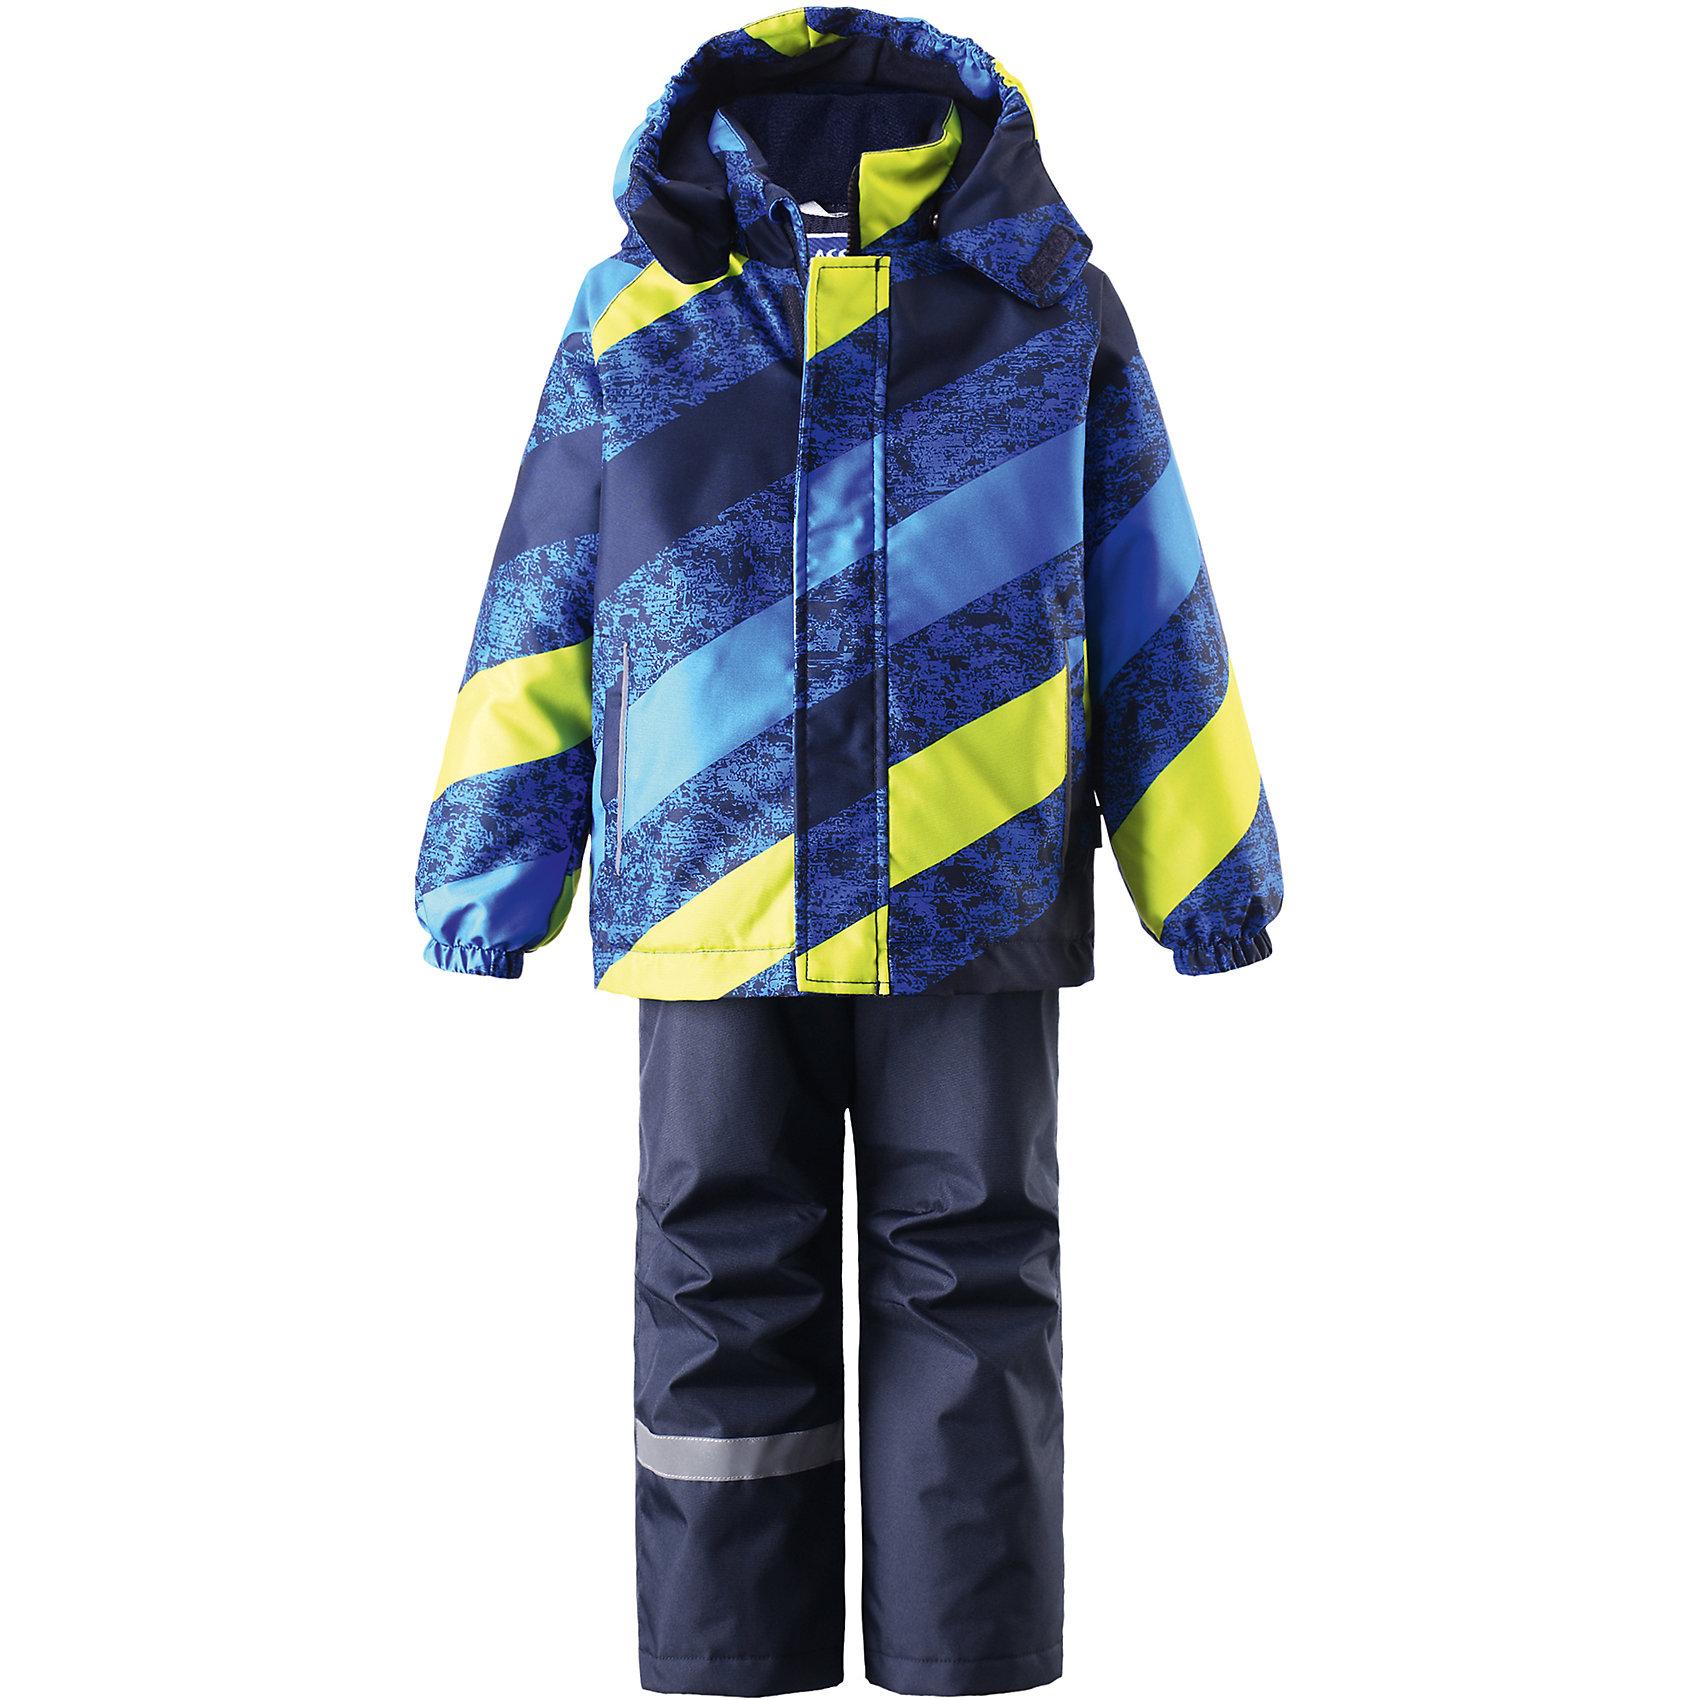 Комплект для мальчика LASSIE by ReimaЗимний комплект для детей известной финской марки.<br><br>- Сверхпрочный материал. Водоотталкивающий, ветронепроницаемый, «дышащий» и грязеотталкивающий материал.<br>- Задний серединный шов брюк проклеен. <br>- Гладкая подкладка из полиэстра.<br>-  Средняя степень утепления.<br>-  Безопасный, съемный капюшон.<br>-  Эластичные манжеты. Эластичная талия. <br>- Снегозащитные манжеты на штанинах. <br>- Ширинка на молнии. Два прорезных кармана.<br>-  Регулируемые и отстегивающиеся эластичные подтяжки. <br>- Принт по всей поверхности.  <br><br>Рекомендации по уходу: Стирать по отдельности, вывернув наизнанку. Застегнуть молнии и липучки. Соблюдать температуру в соответствии с руководством по уходу. Стирать моющим средством, не содержащим отбеливающие вещества. Полоскать без специального средства. Сушение в сушильном шкафу разрешено при  низкой температуре.<br><br>Состав: 100% Полиамид, полиуретановое покрытие.  Утеплитель «Lassie wadding» 100гр.(брюки); 180гр.(куртка).<br><br>Ширина мм: 190<br>Глубина мм: 74<br>Высота мм: 229<br>Вес г: 236<br>Цвет: синий<br>Возраст от месяцев: 18<br>Возраст до месяцев: 24<br>Пол: Мужской<br>Возраст: Детский<br>Размер: 92,140,134,128,122,116,110,104,98<br>SKU: 4782158